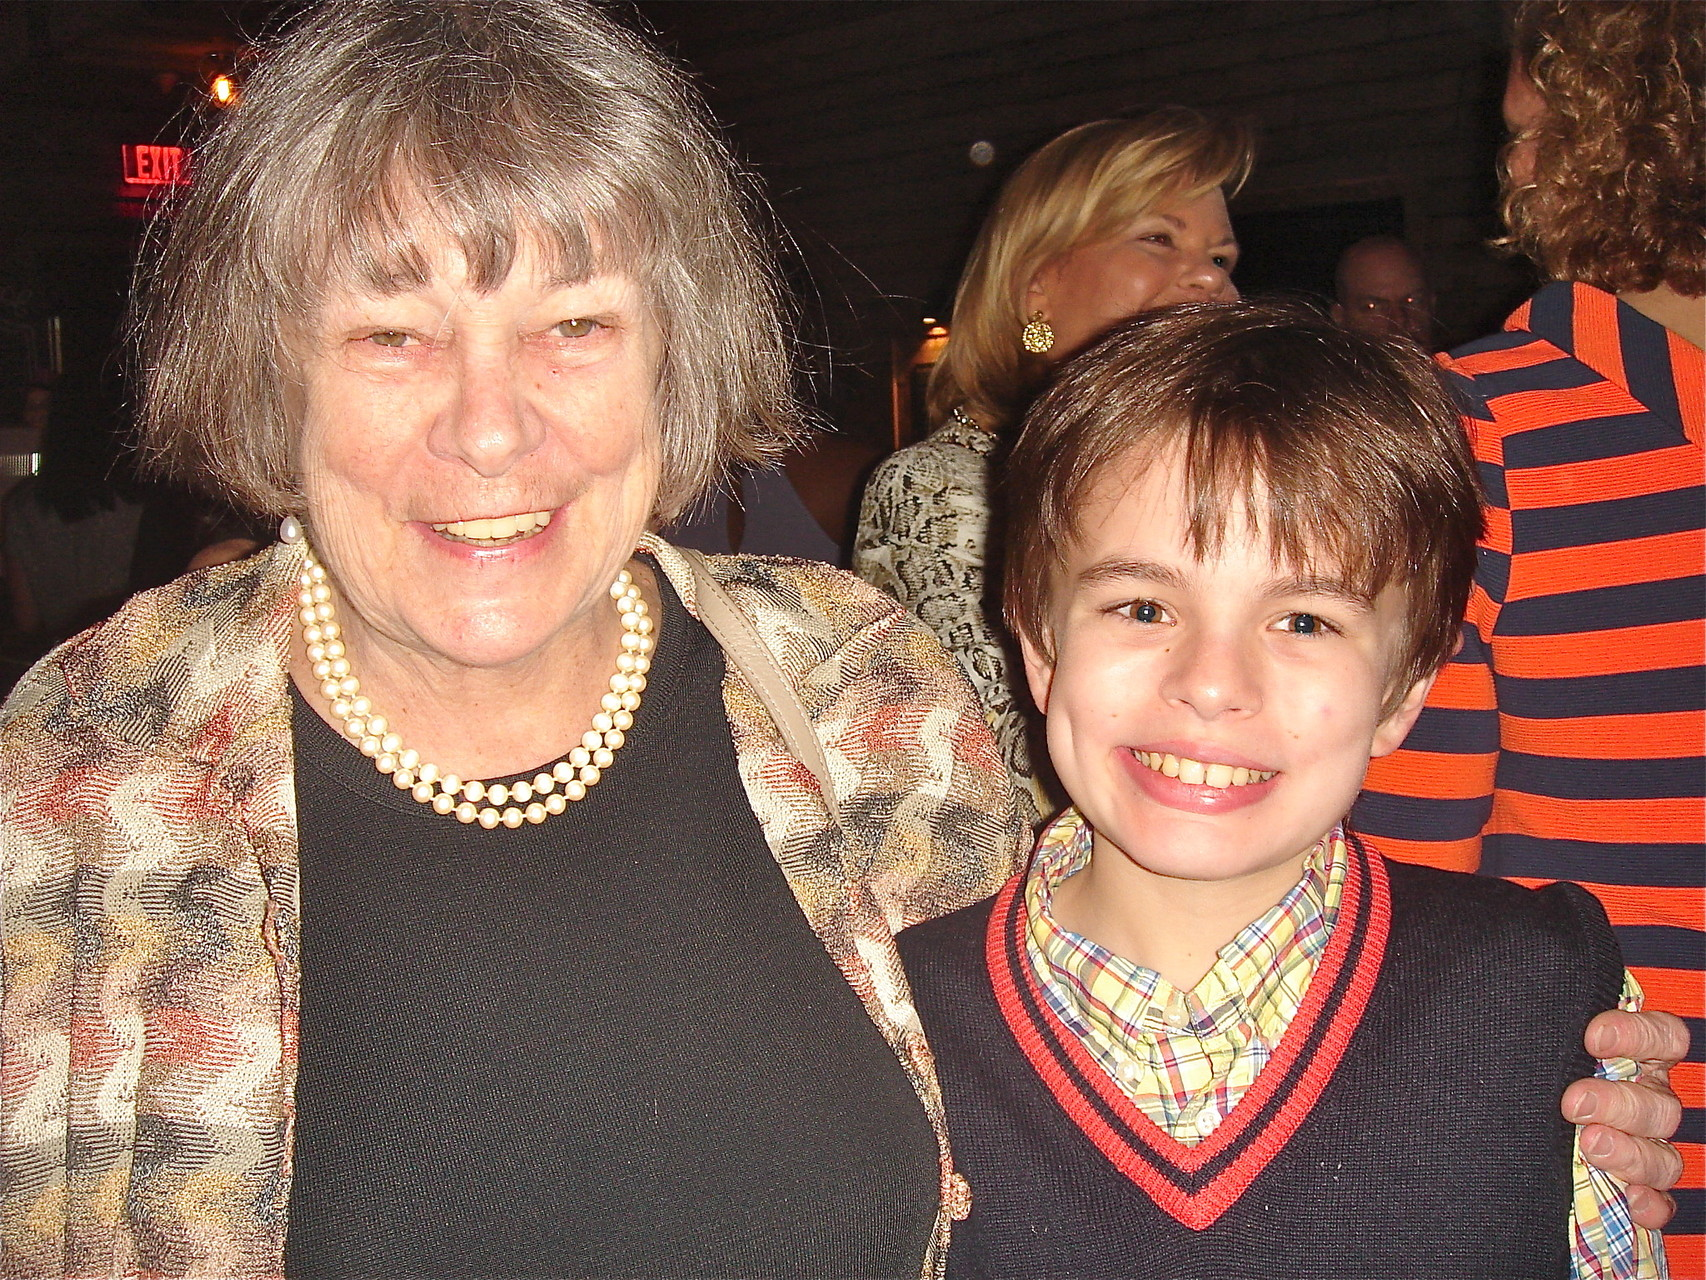 Kathy Hutchins, Stuart Sr's sister, & grandson Philip